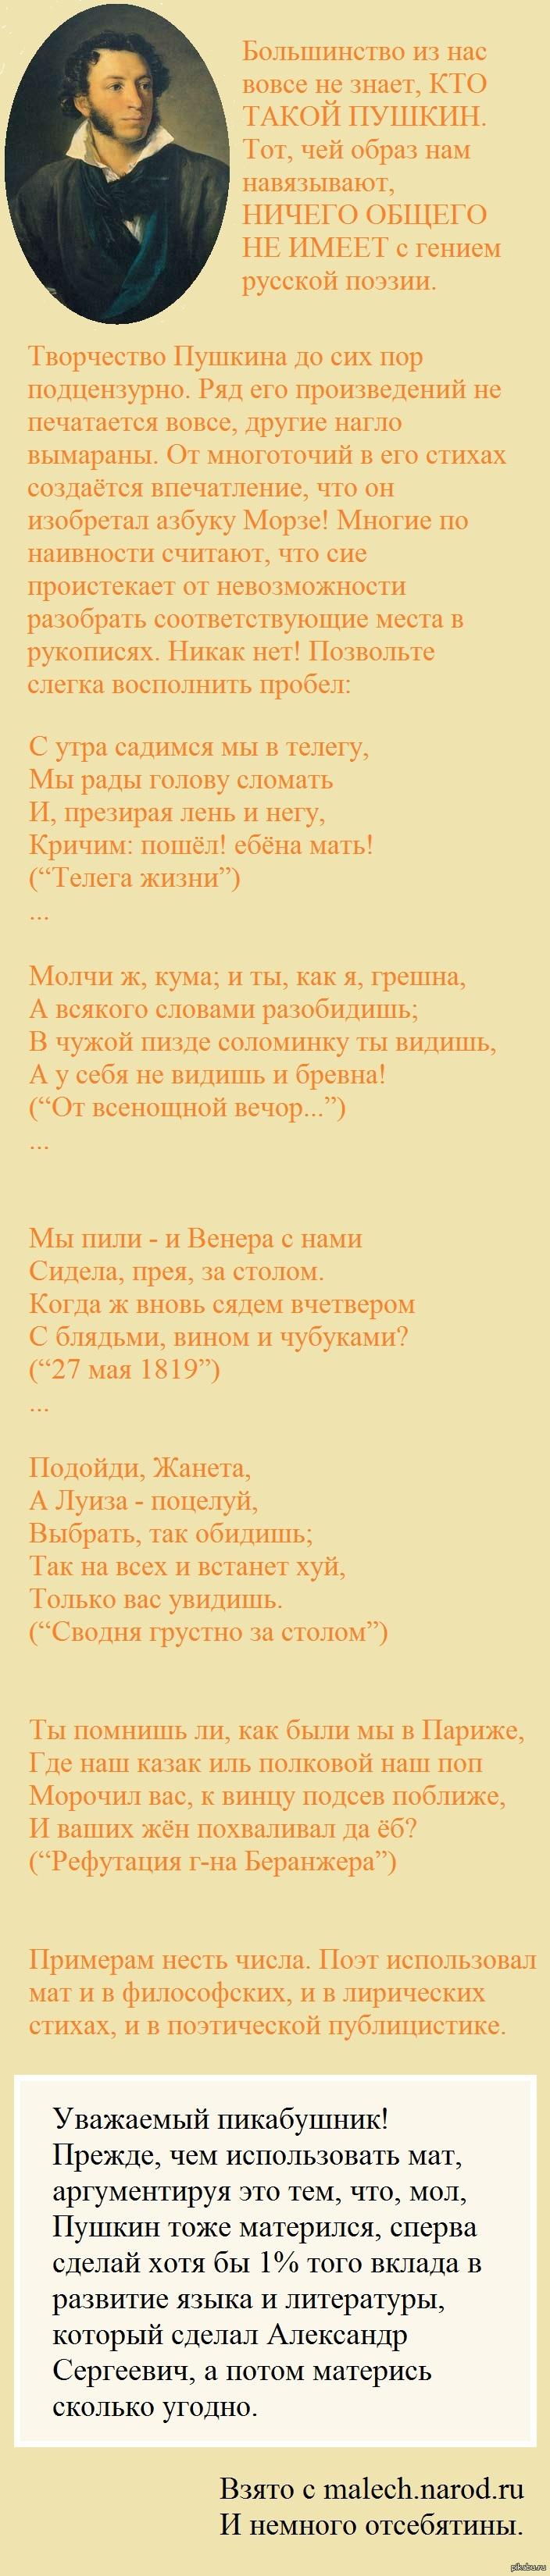 Эротические и порнографические произведения русских поэтов